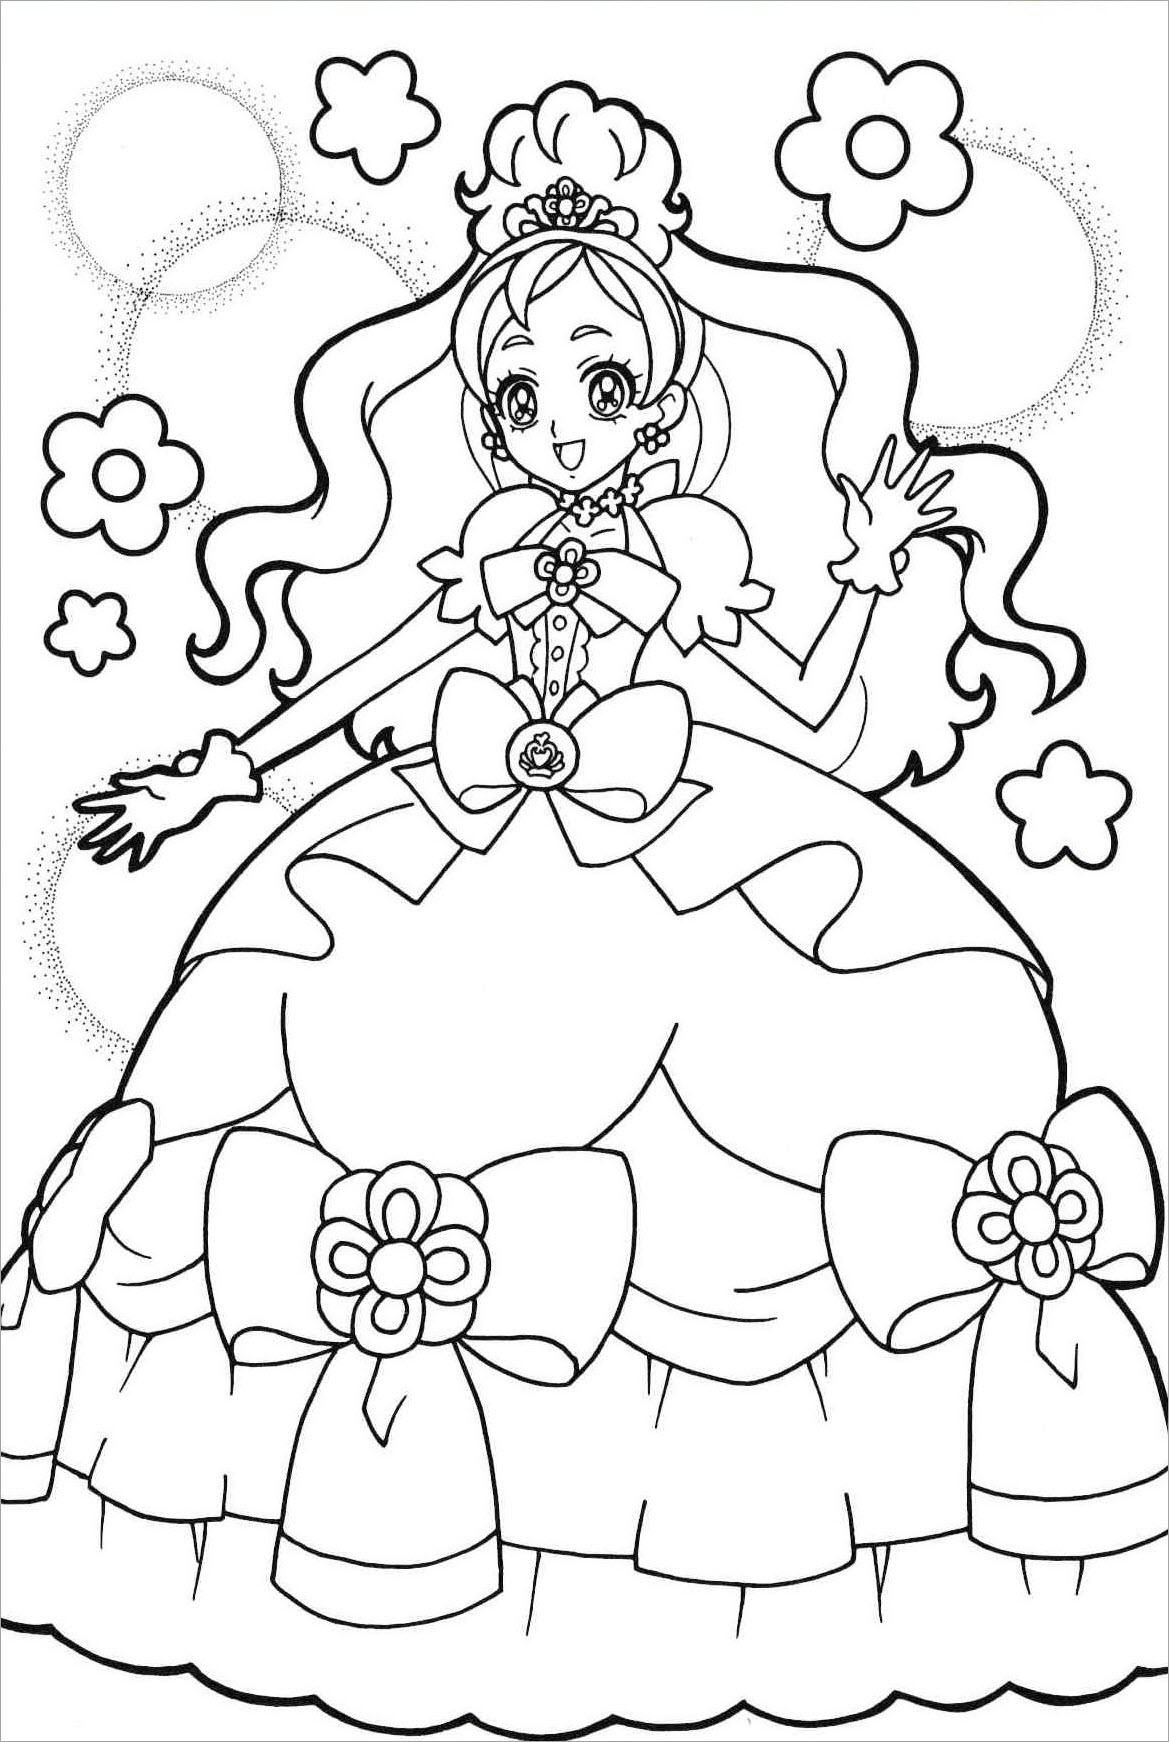 Tranh tập tô màu công chúa chibi